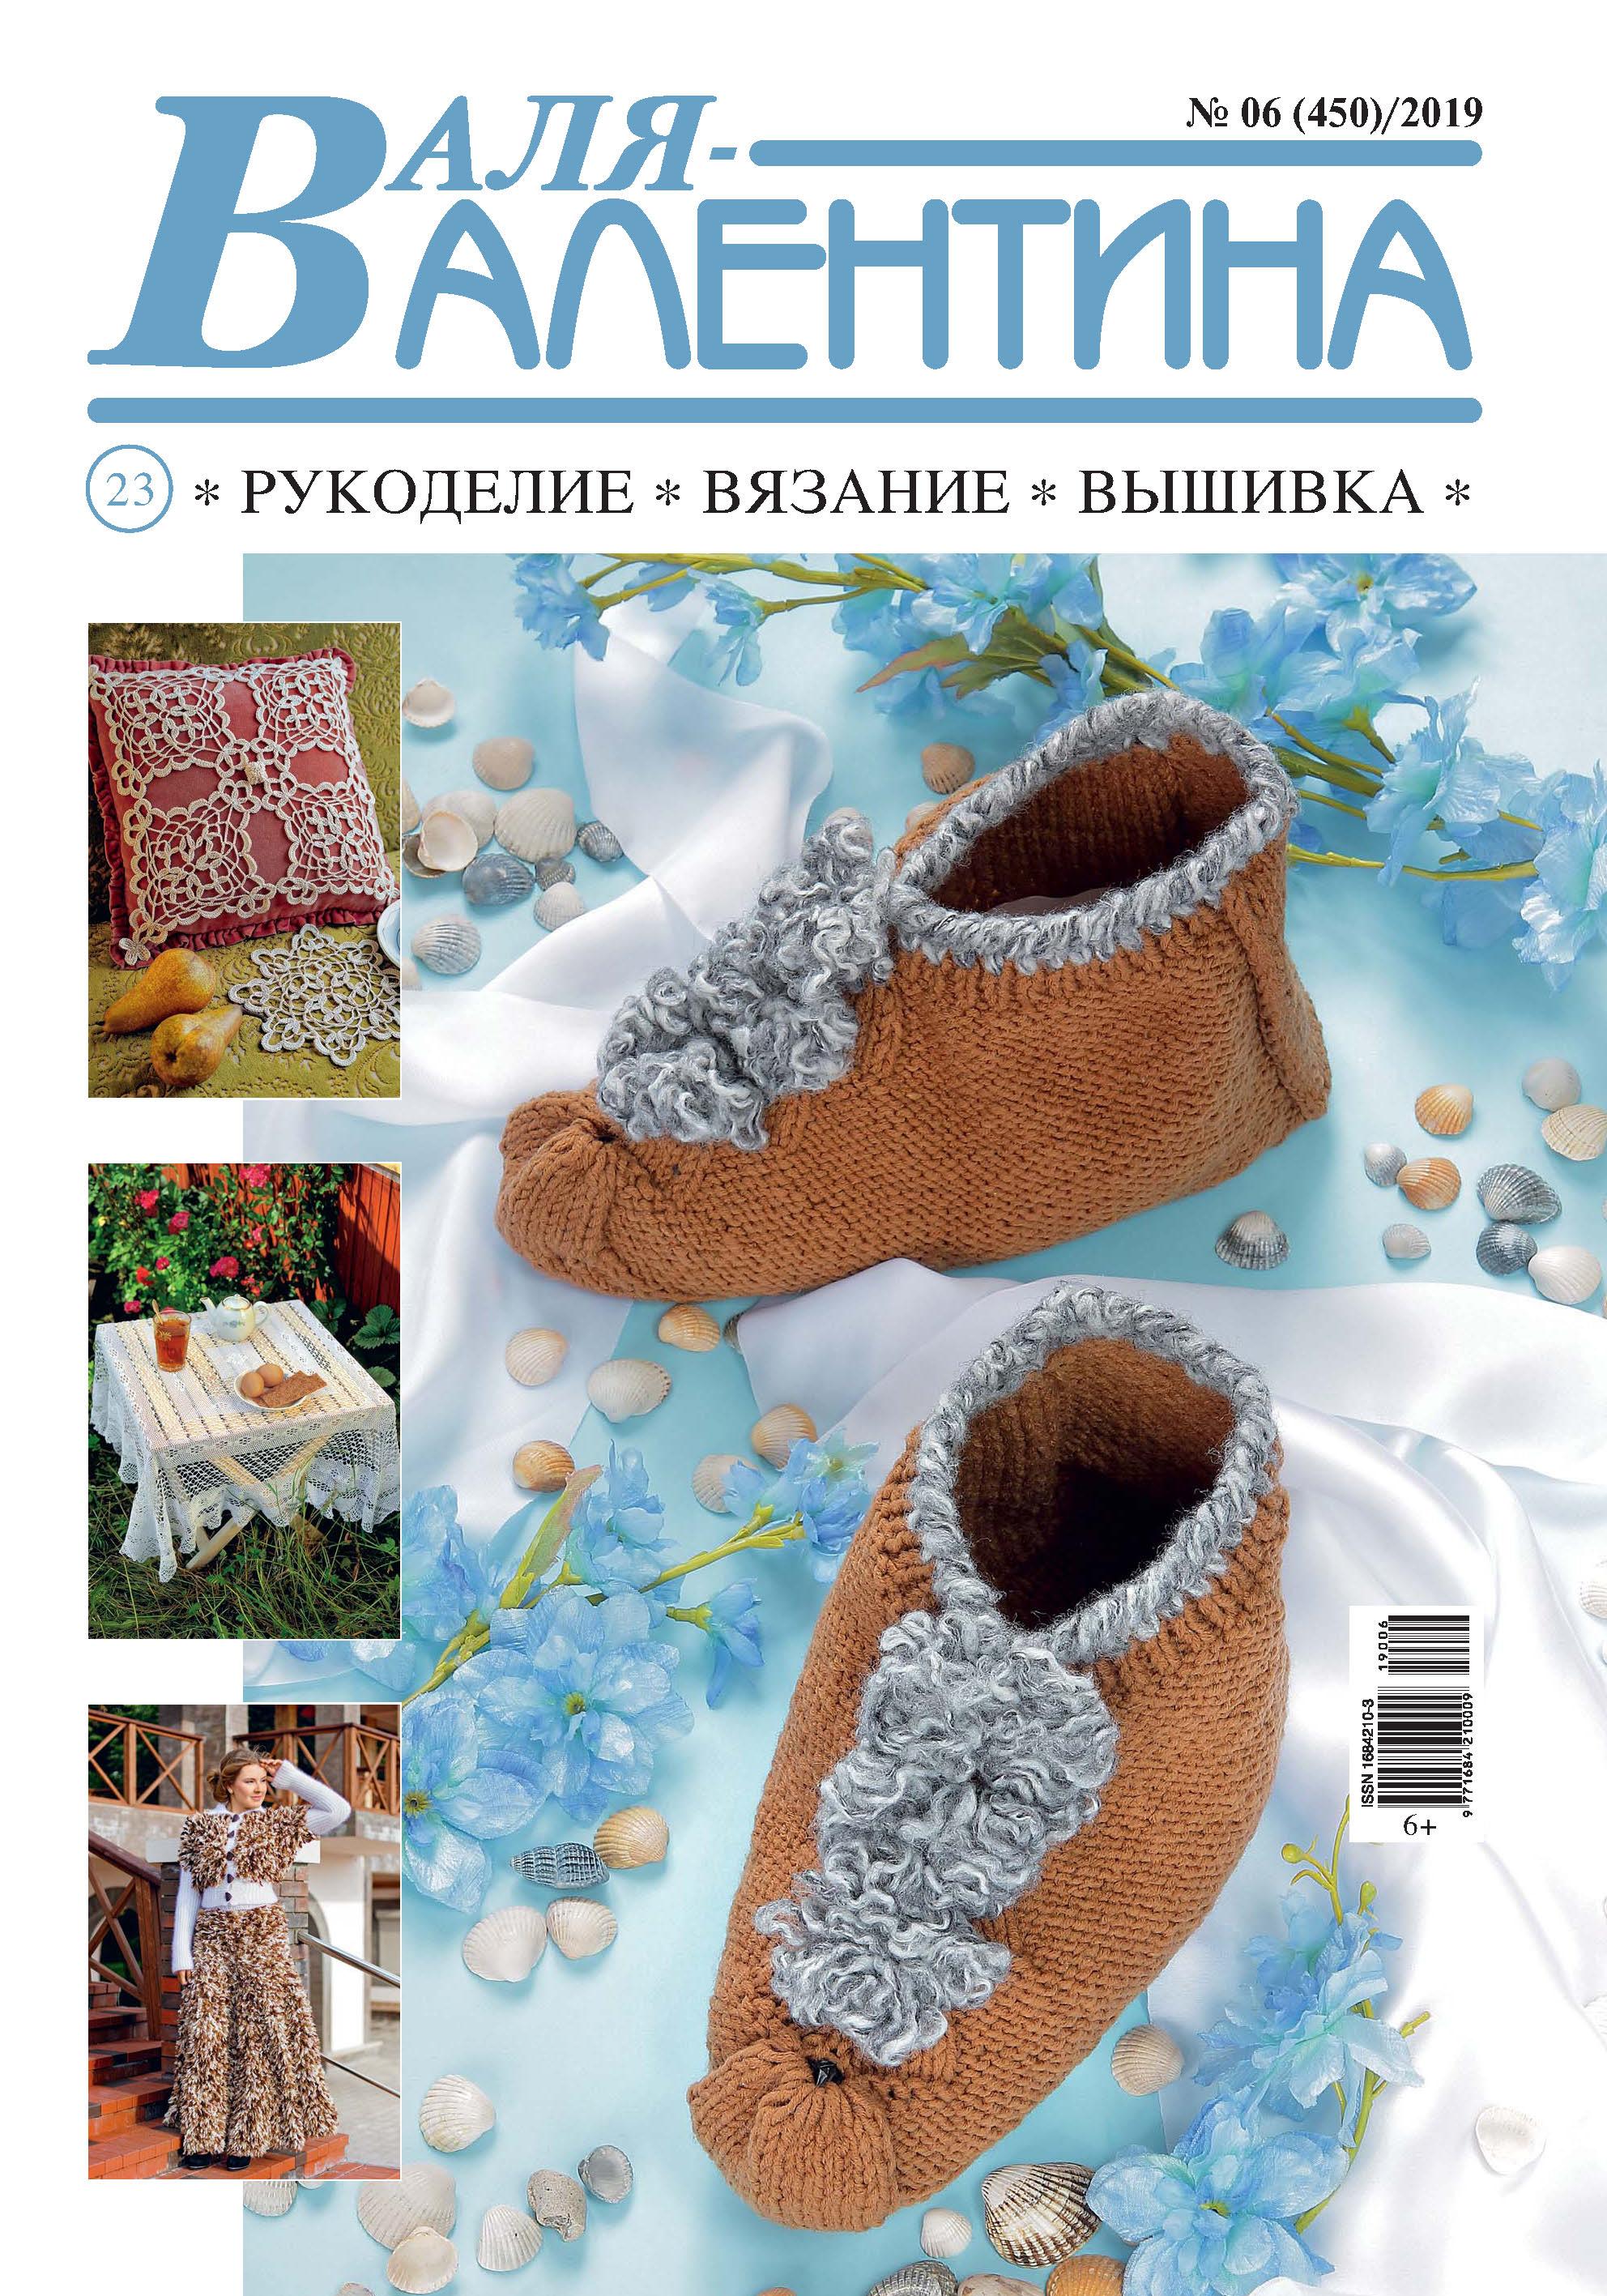 Валя-Валентина. Рукоделие, вязание, вышивка. №06/2019